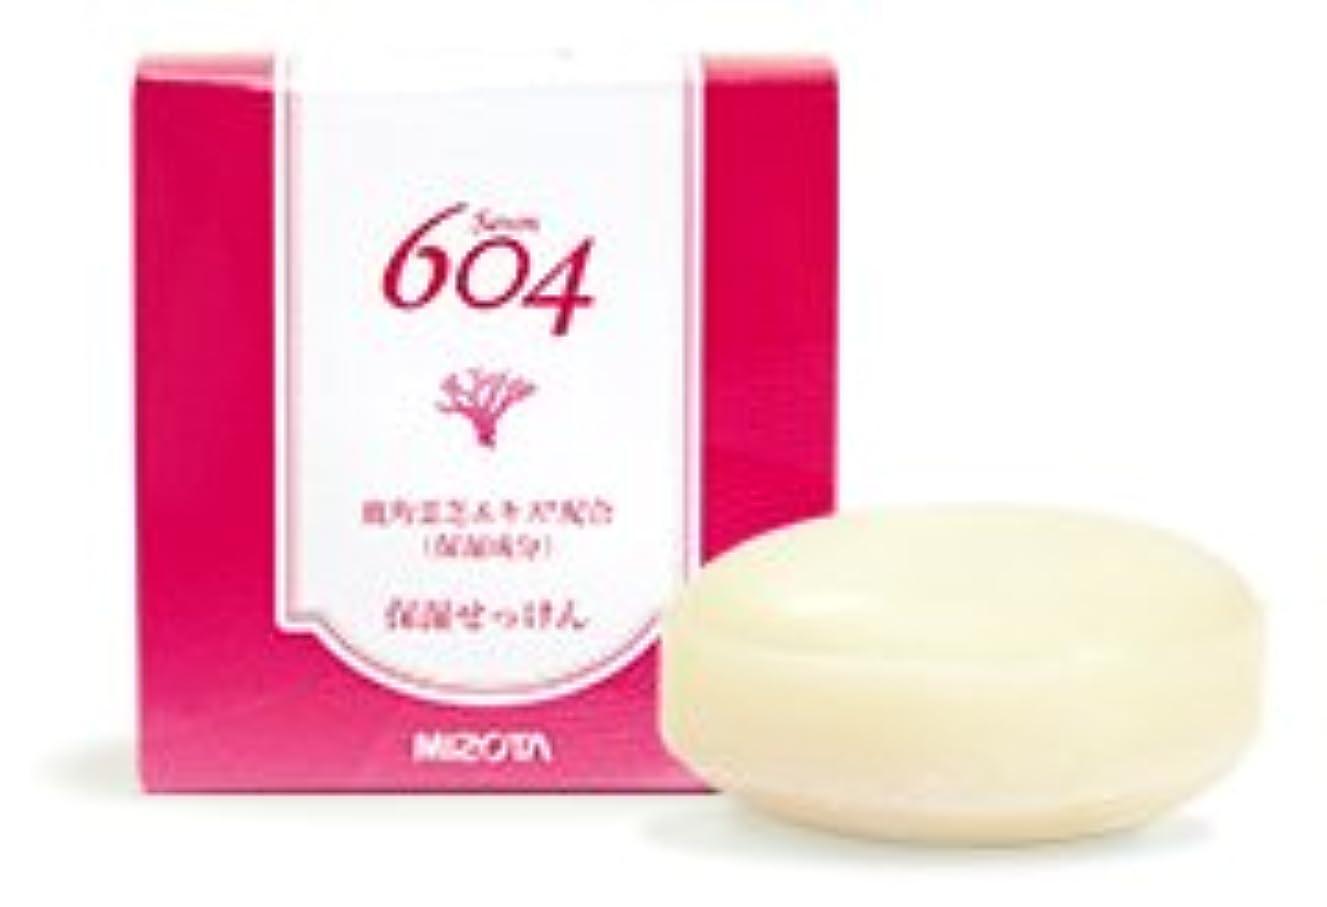 説明する裁量計画的保湿ソープ604(洗顔石鹸) 鹿角零芝エキス配合